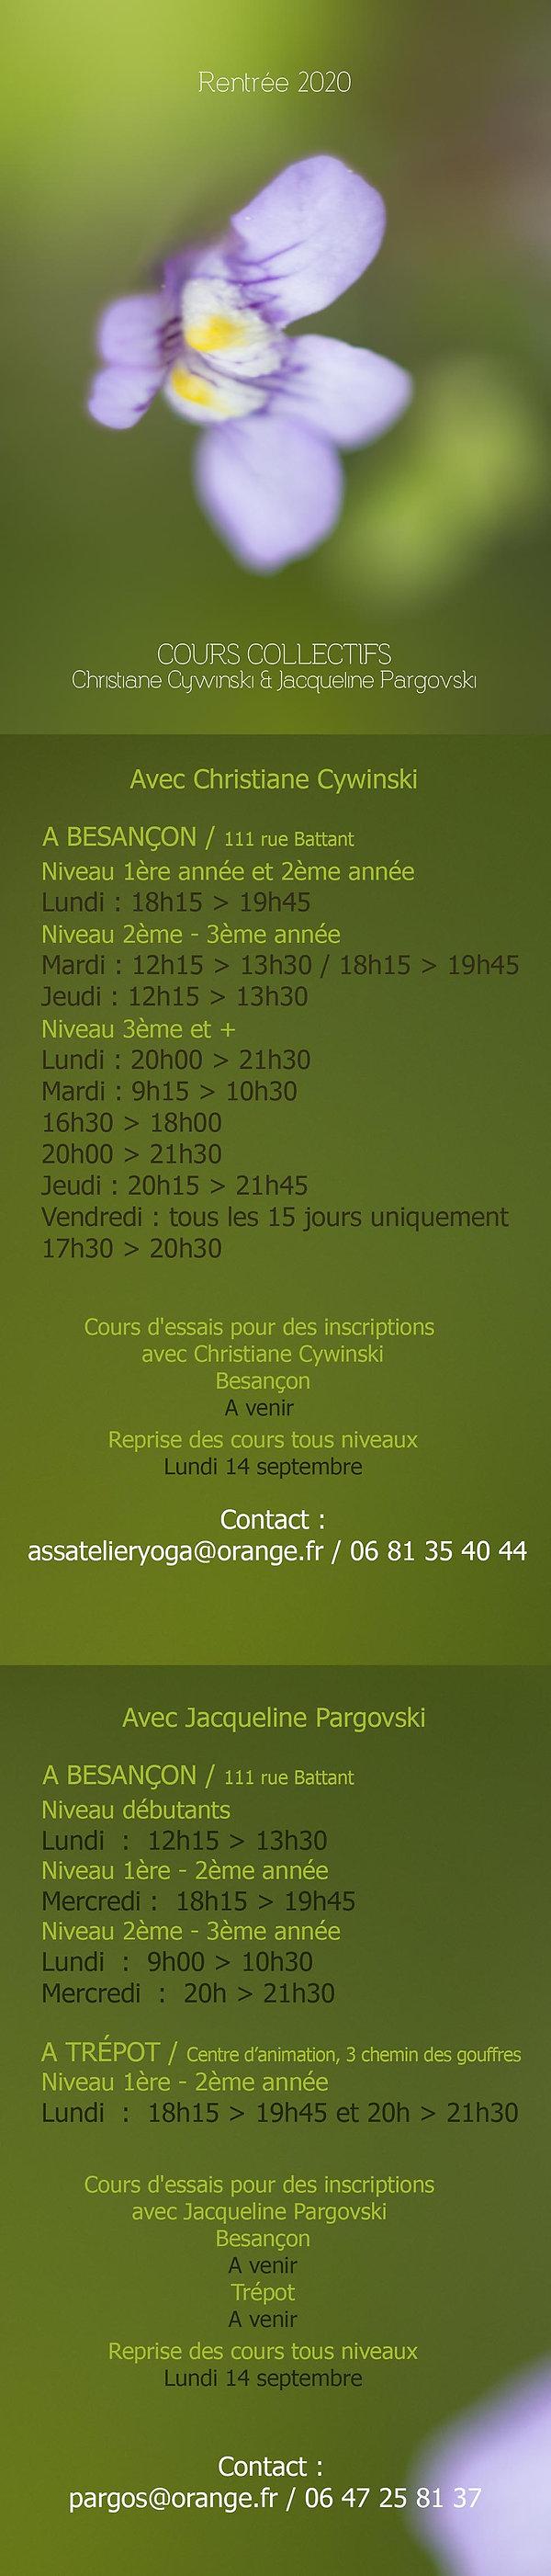 Scroll_Yoga_Cours_2020_V01.jpg